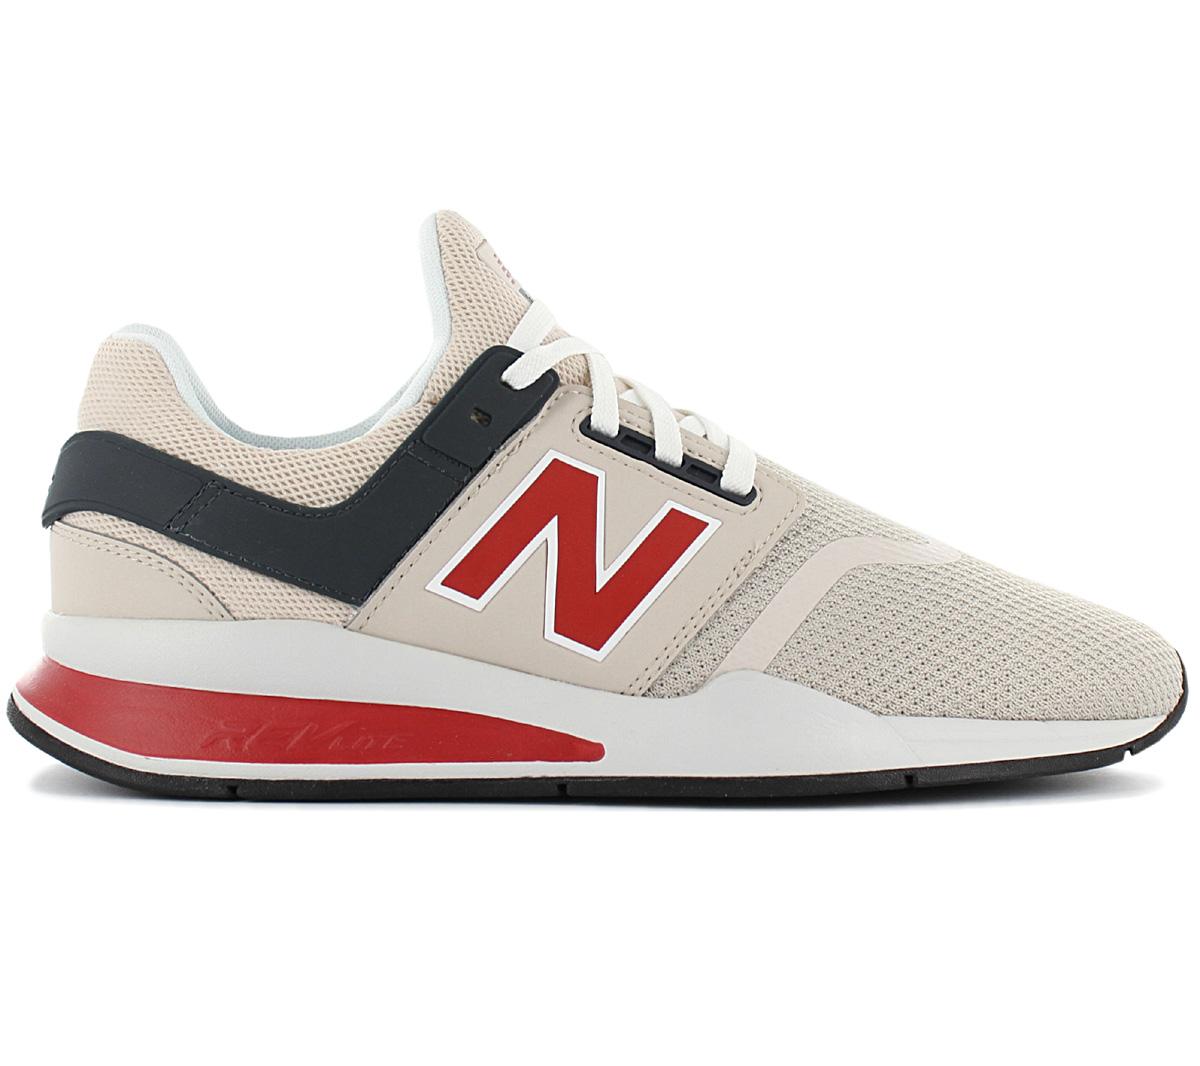 New Balance 247 modelos y diseños | Zapatos de Hombres New